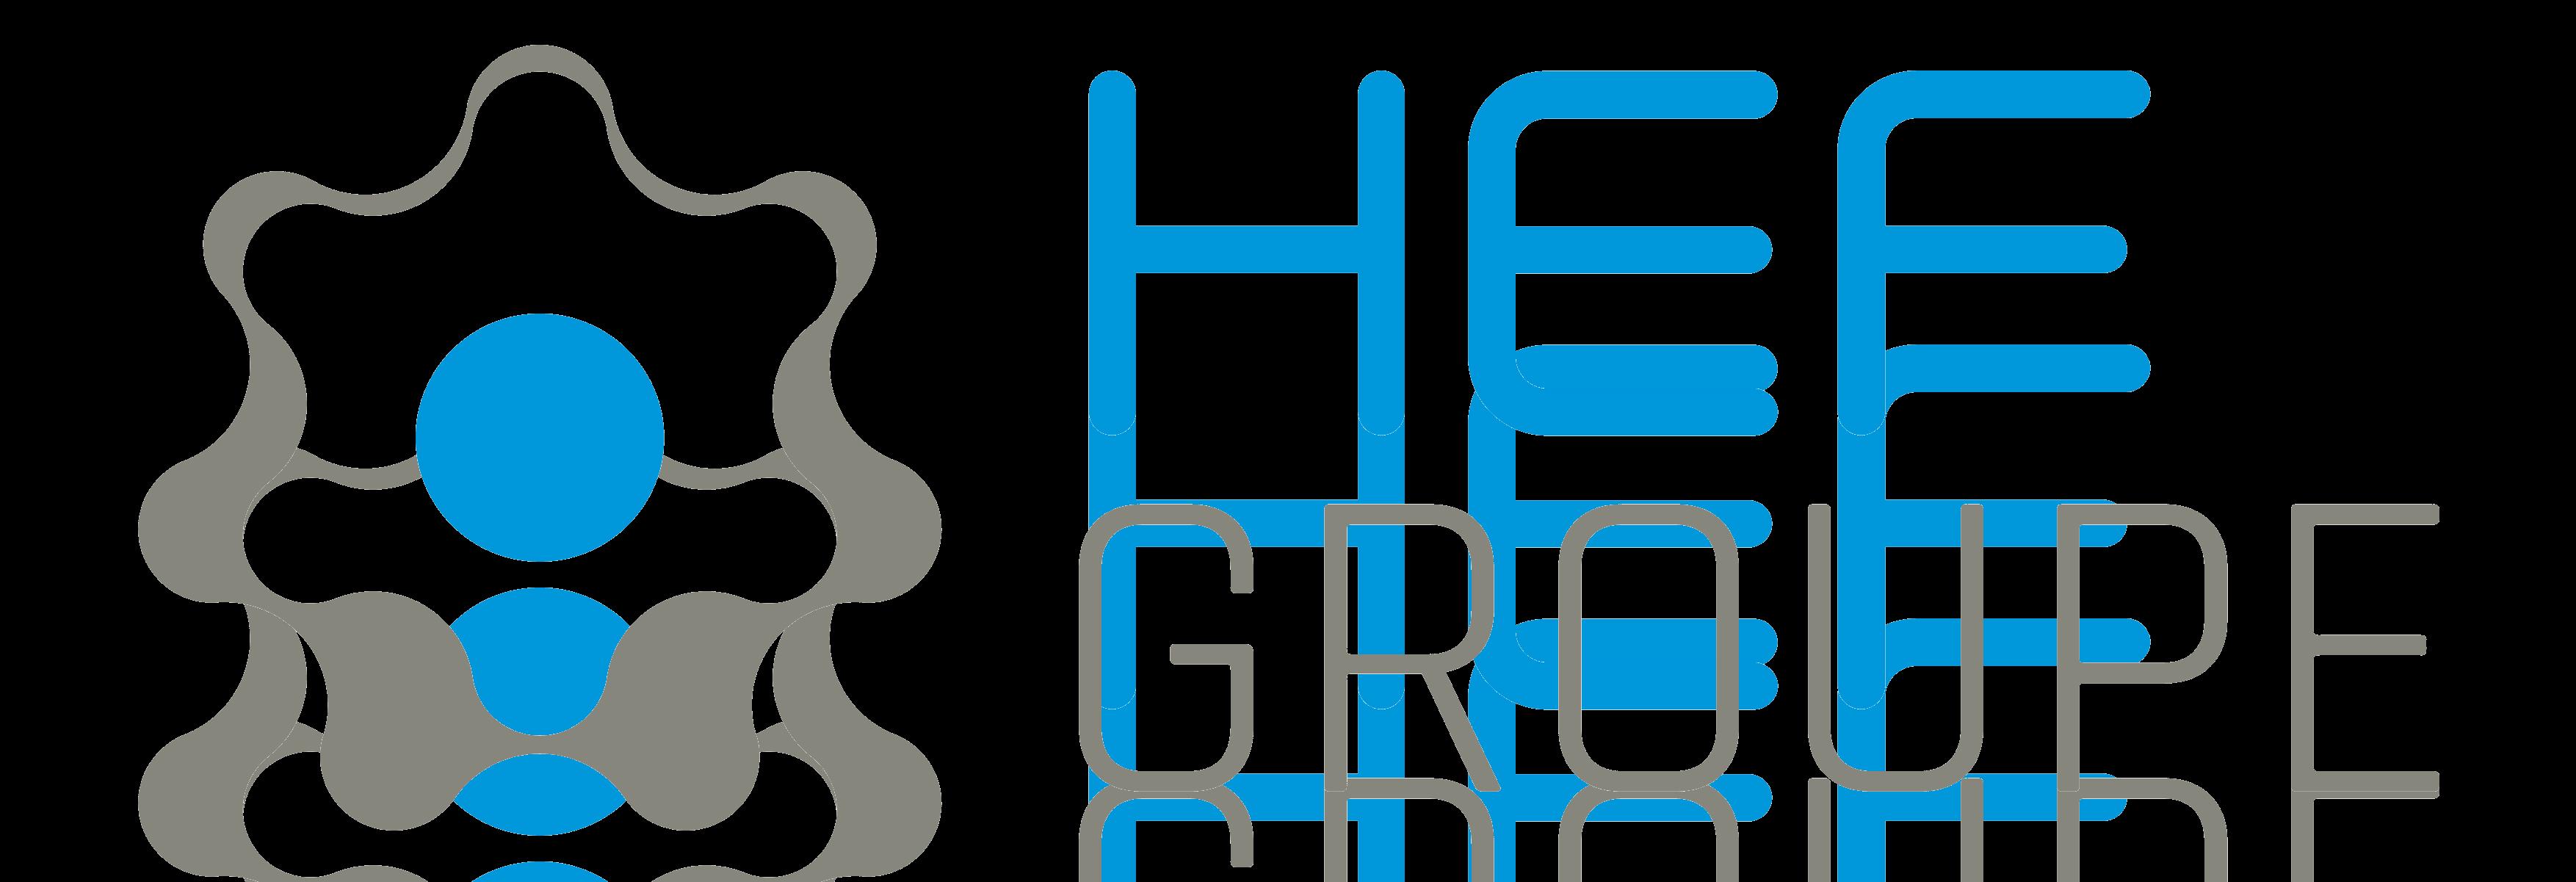 グループロゴ